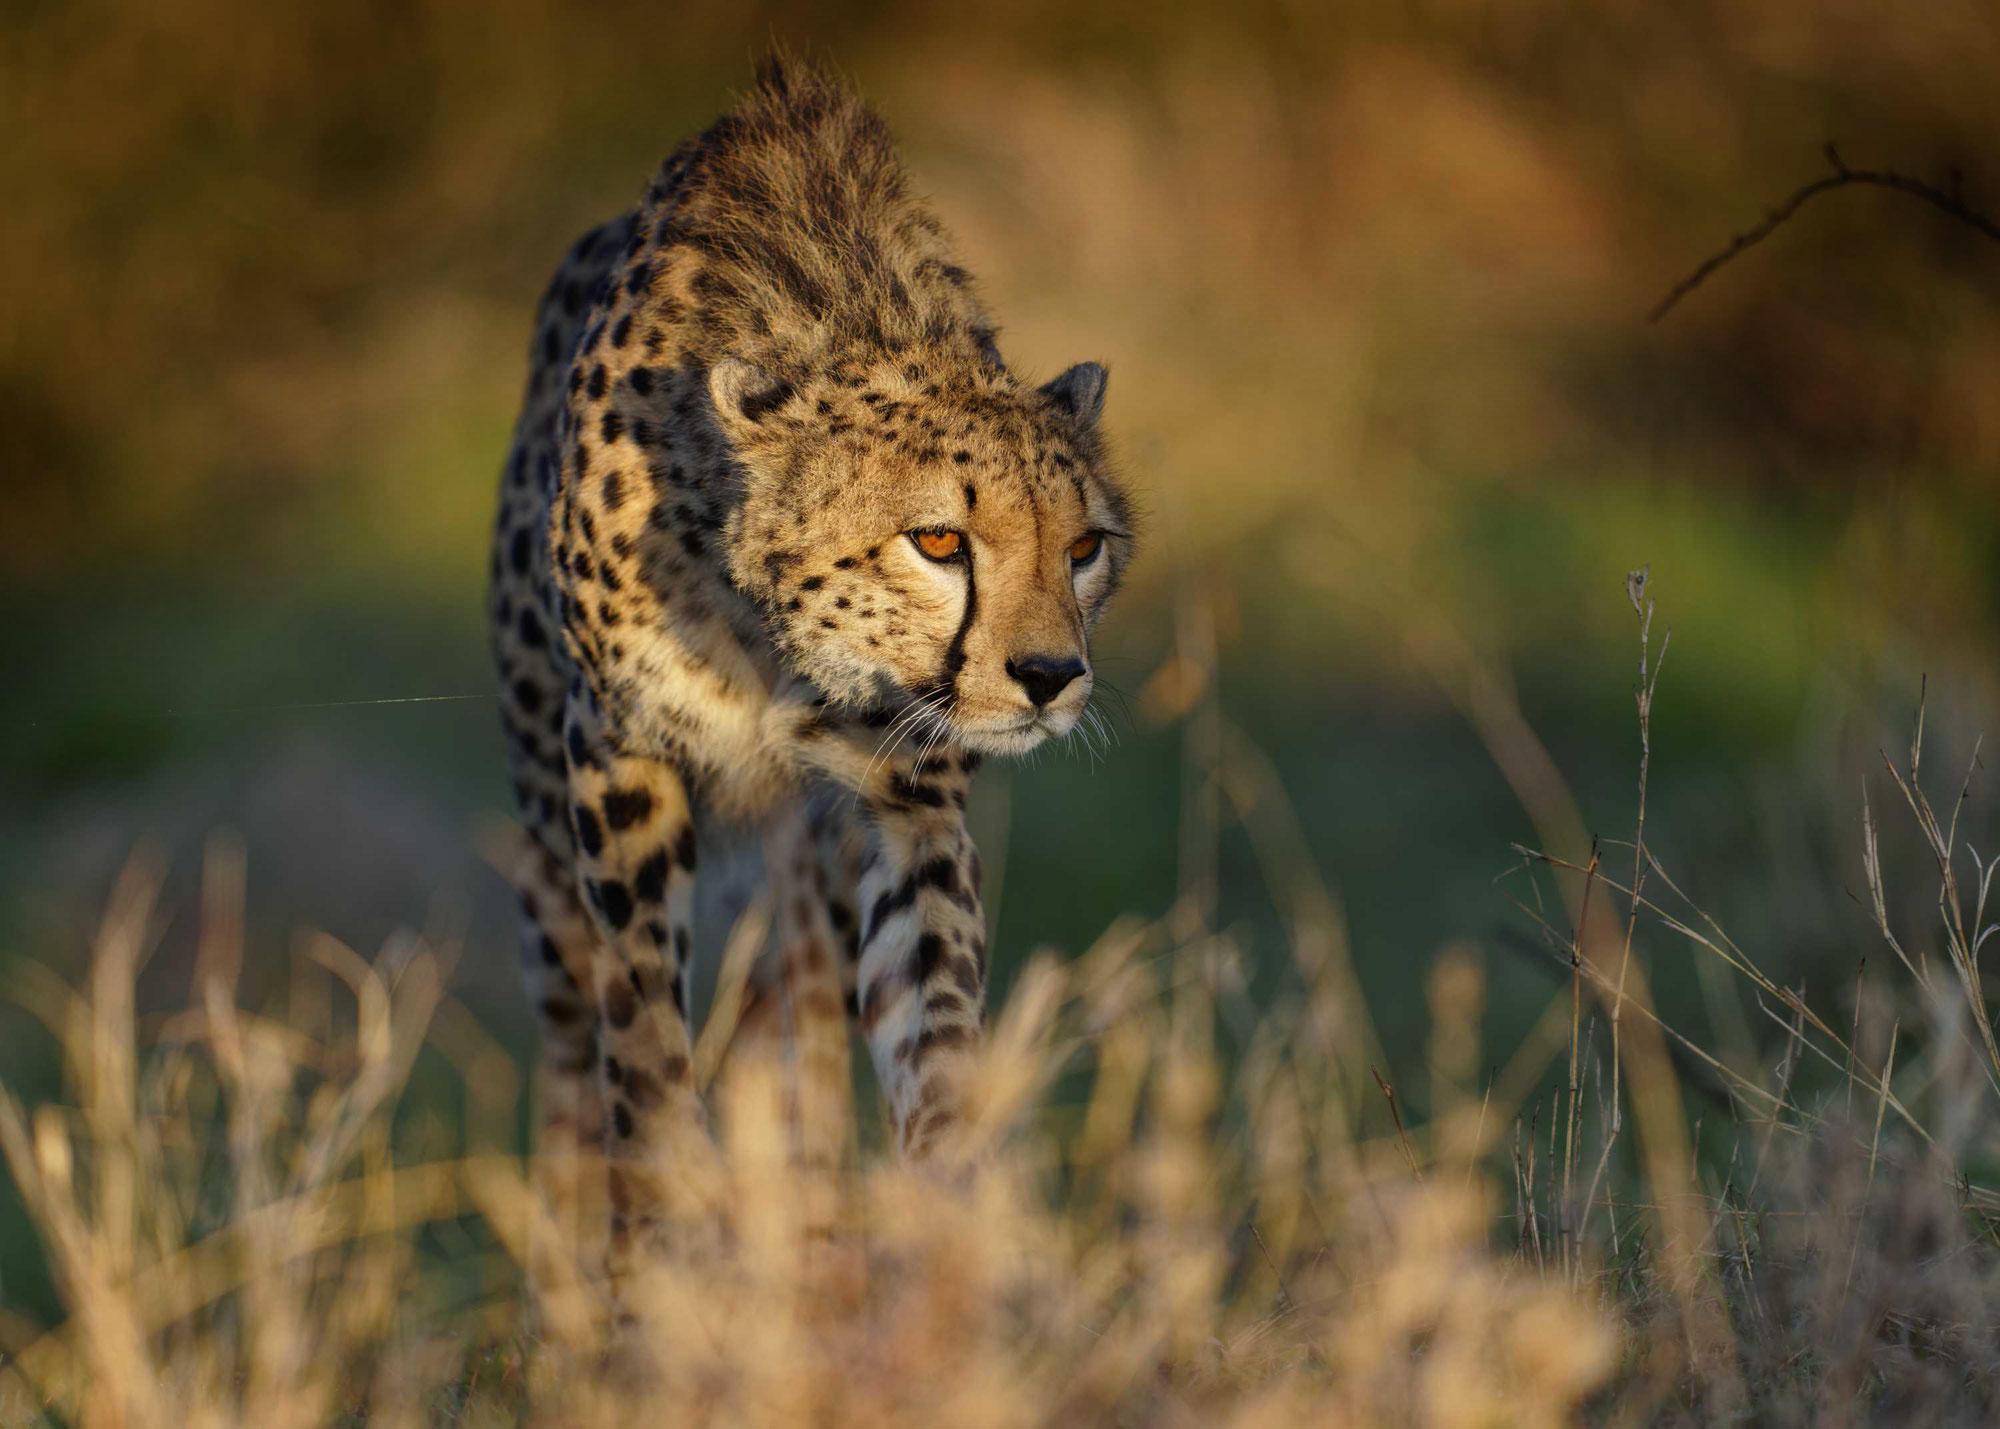 Maasai Mara Sommer 2021 - Geparde in besonderem Licht